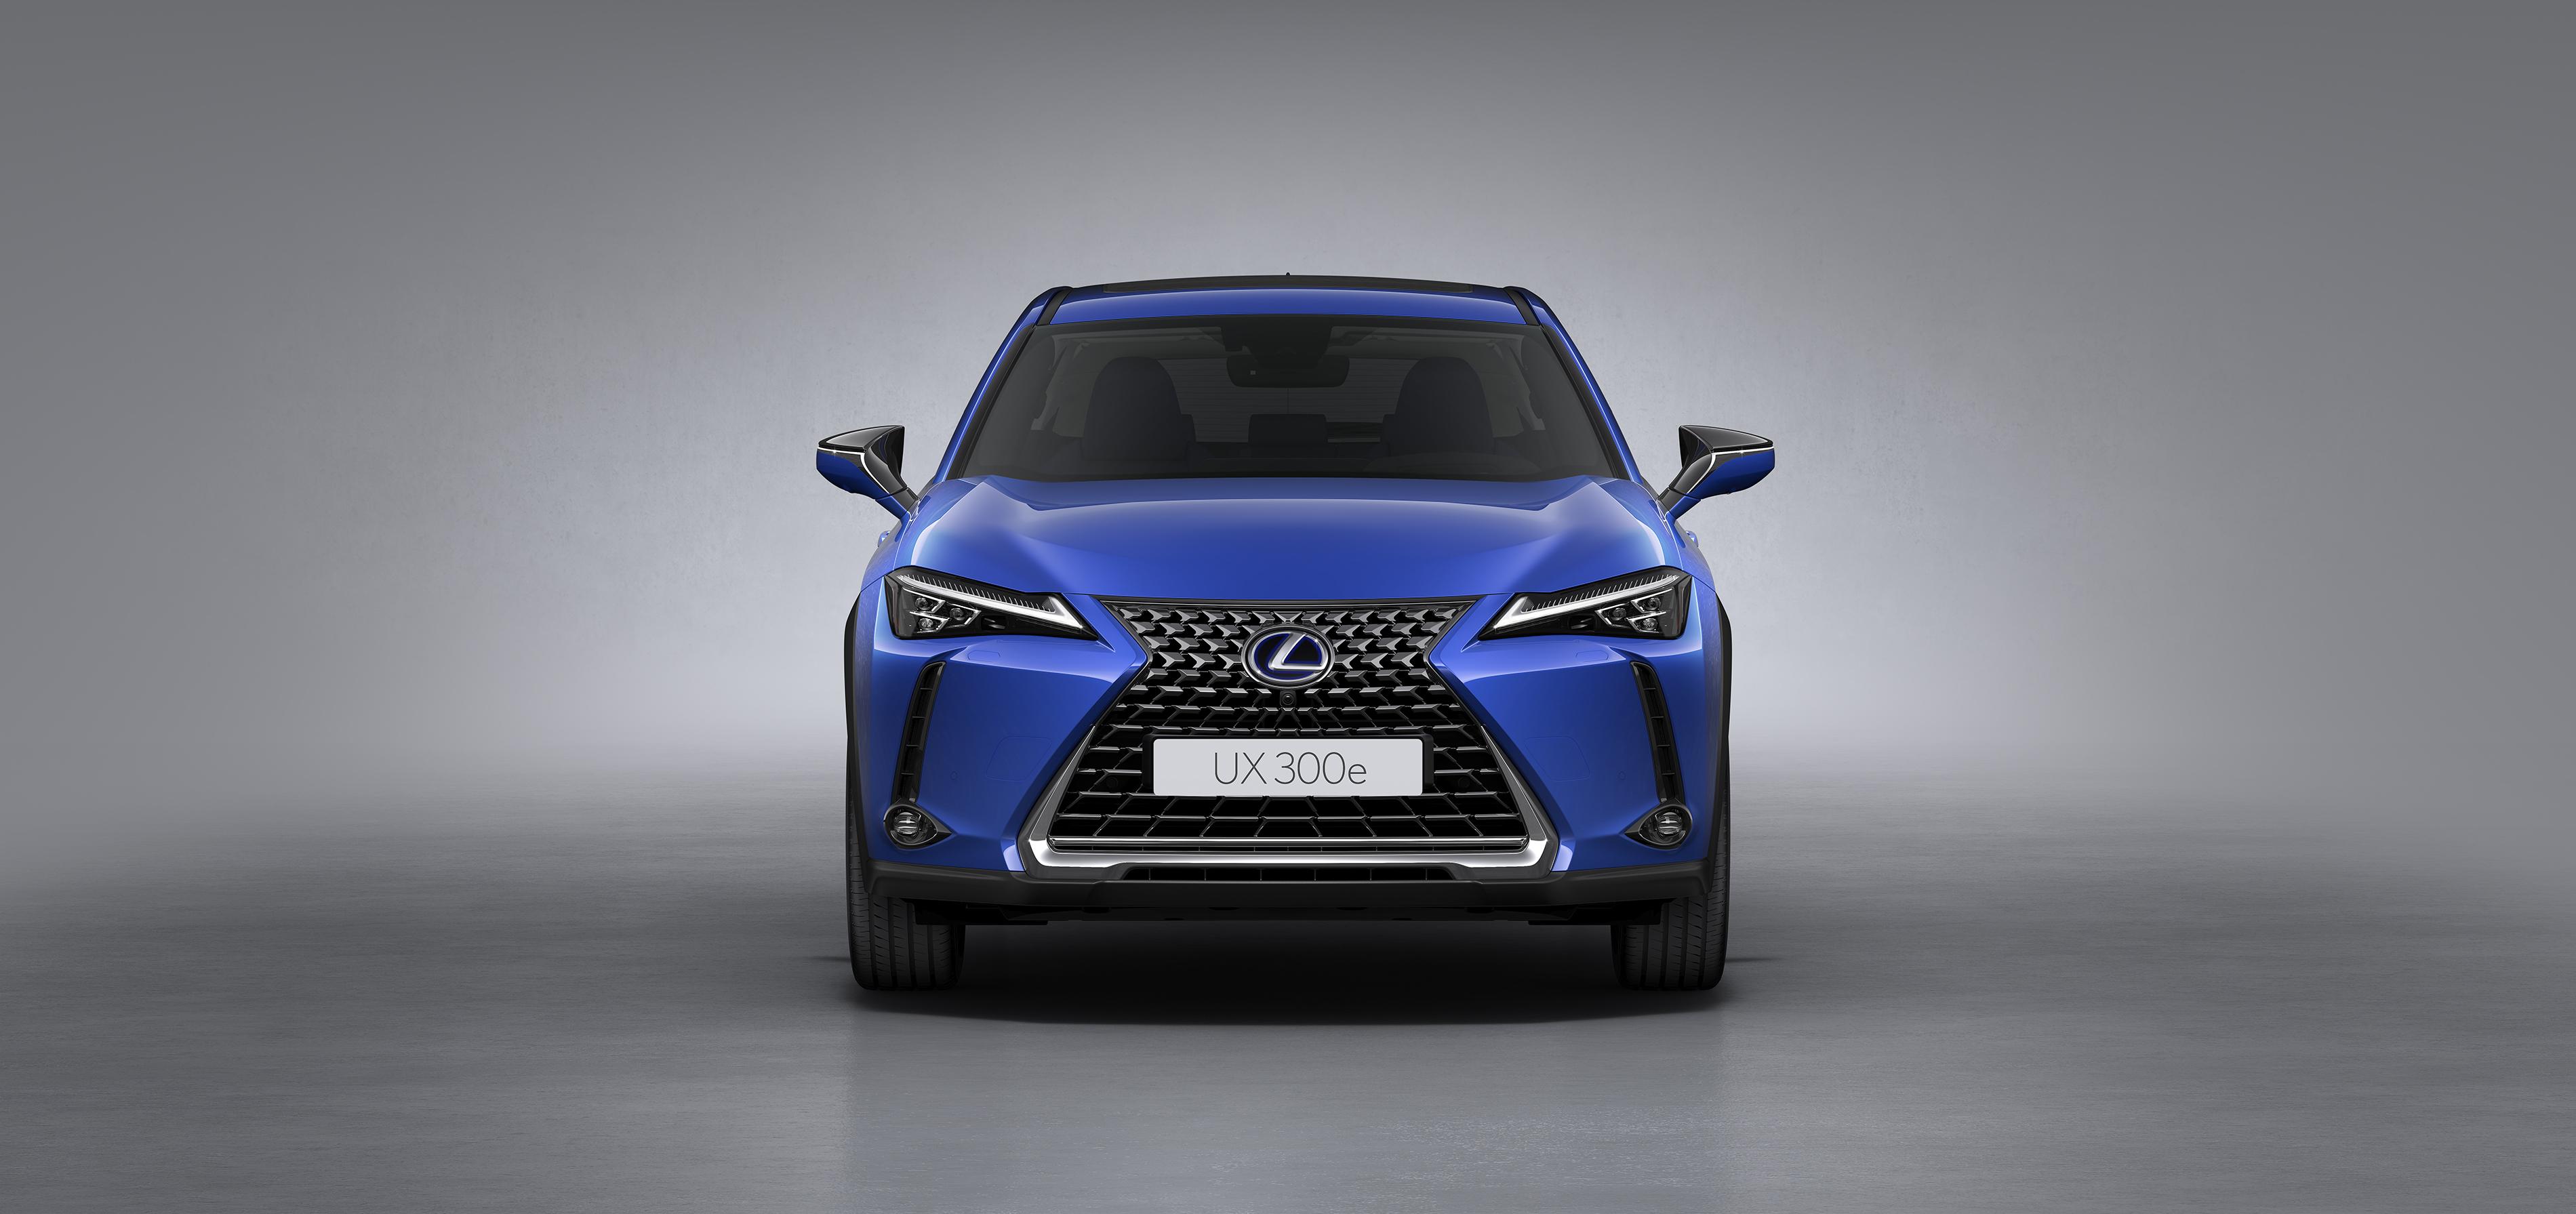 Вслед за Toyota, Lexus готовит принципиально новый кроссовер. Первая информация и дата дебюта